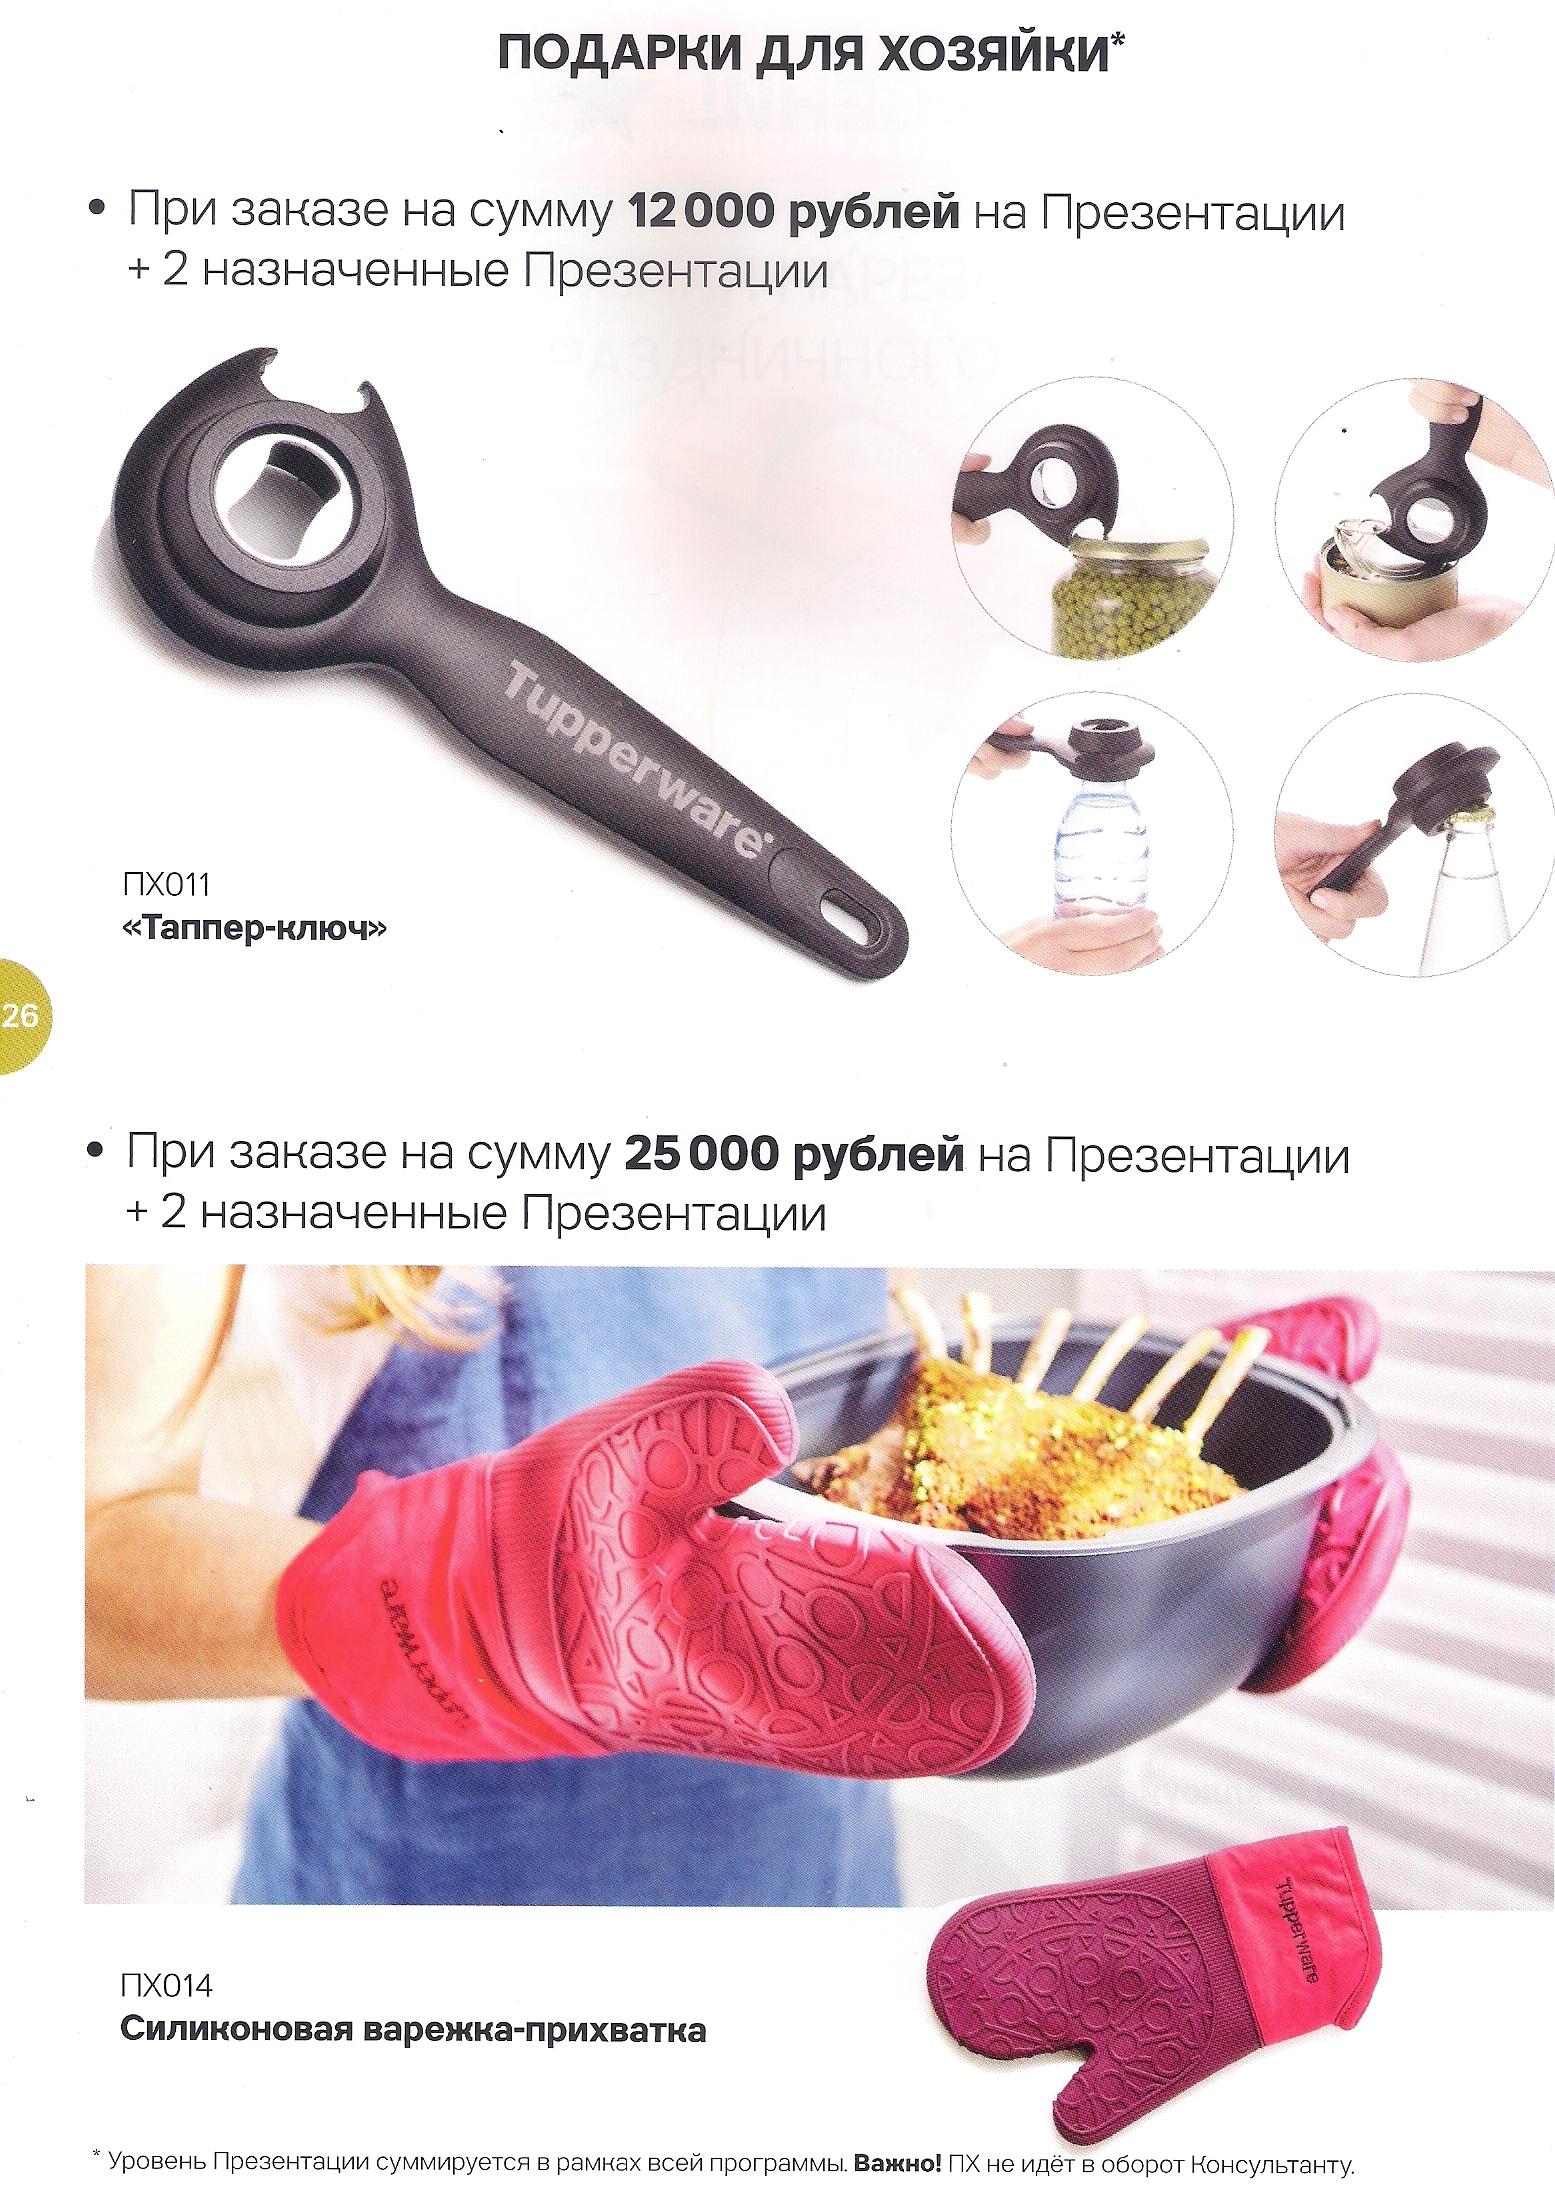 https://tupperware-online.ru/images/upload/24p.jpg